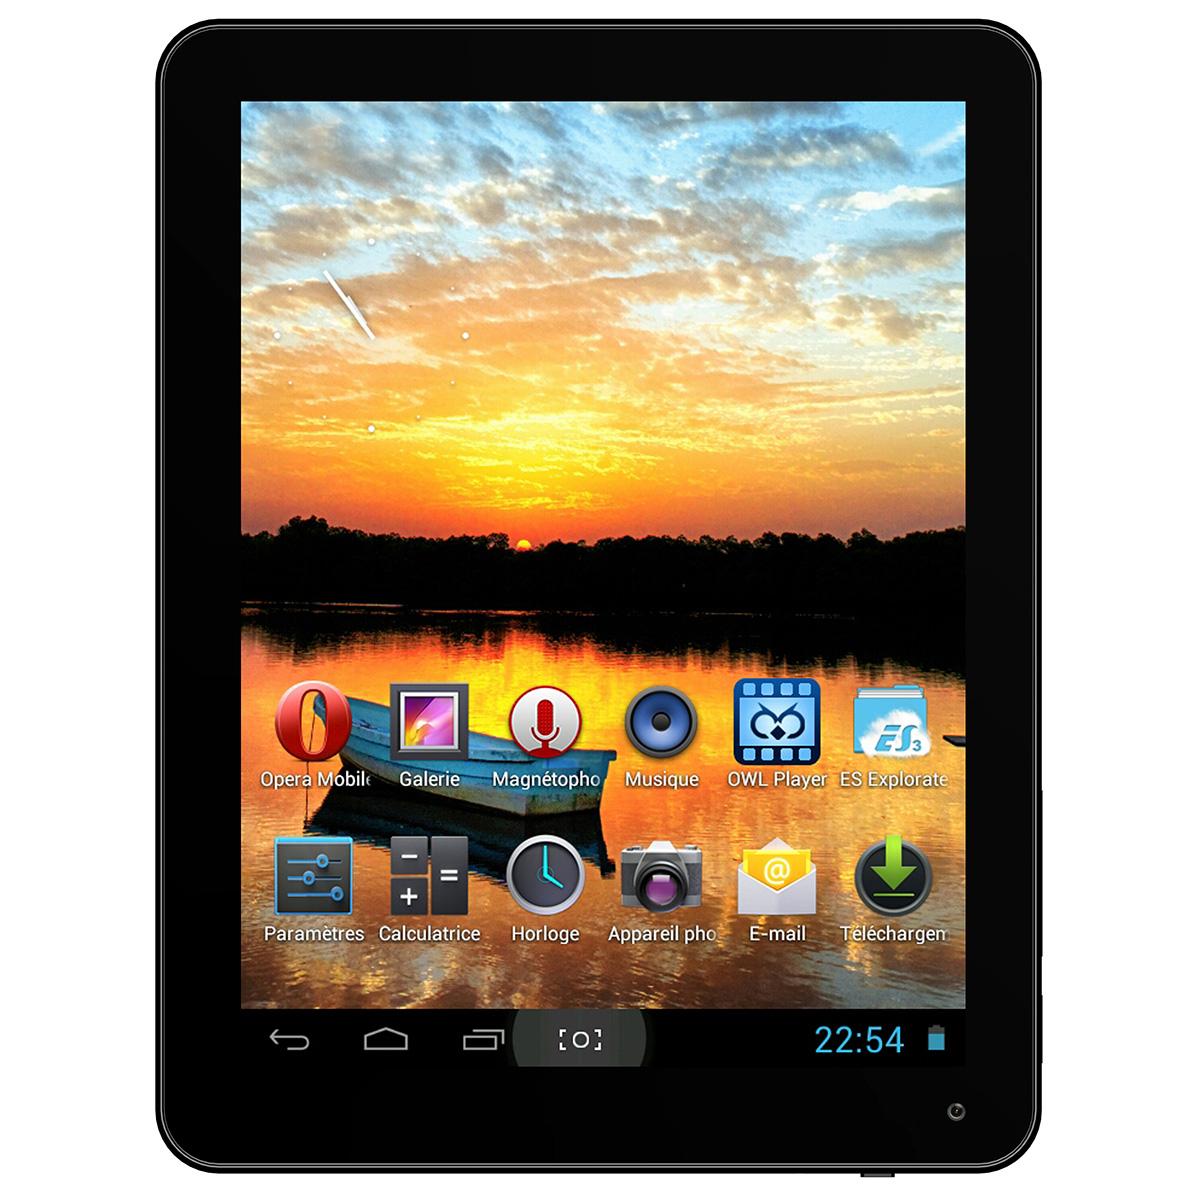 MPMAN MPDC8 BT 4 Go - Tablette tactile Mp Man sur LDLC.com